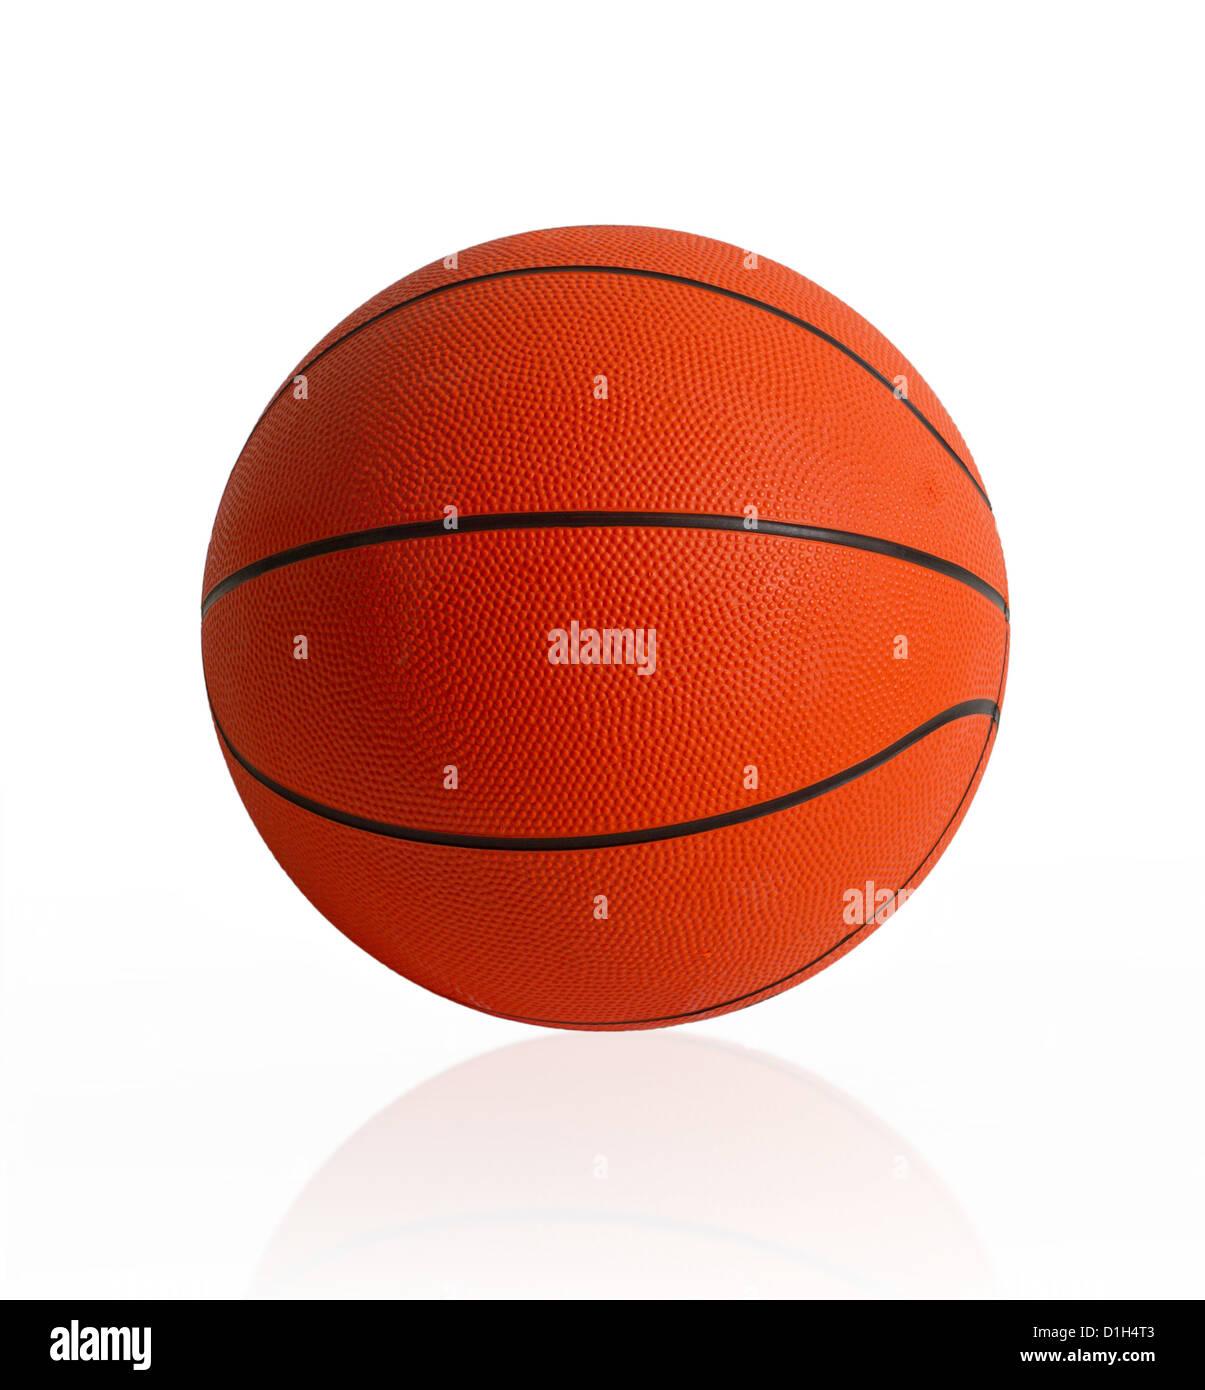 Basket il mondo sport preferito giochi isolato su bianco Immagini Stock